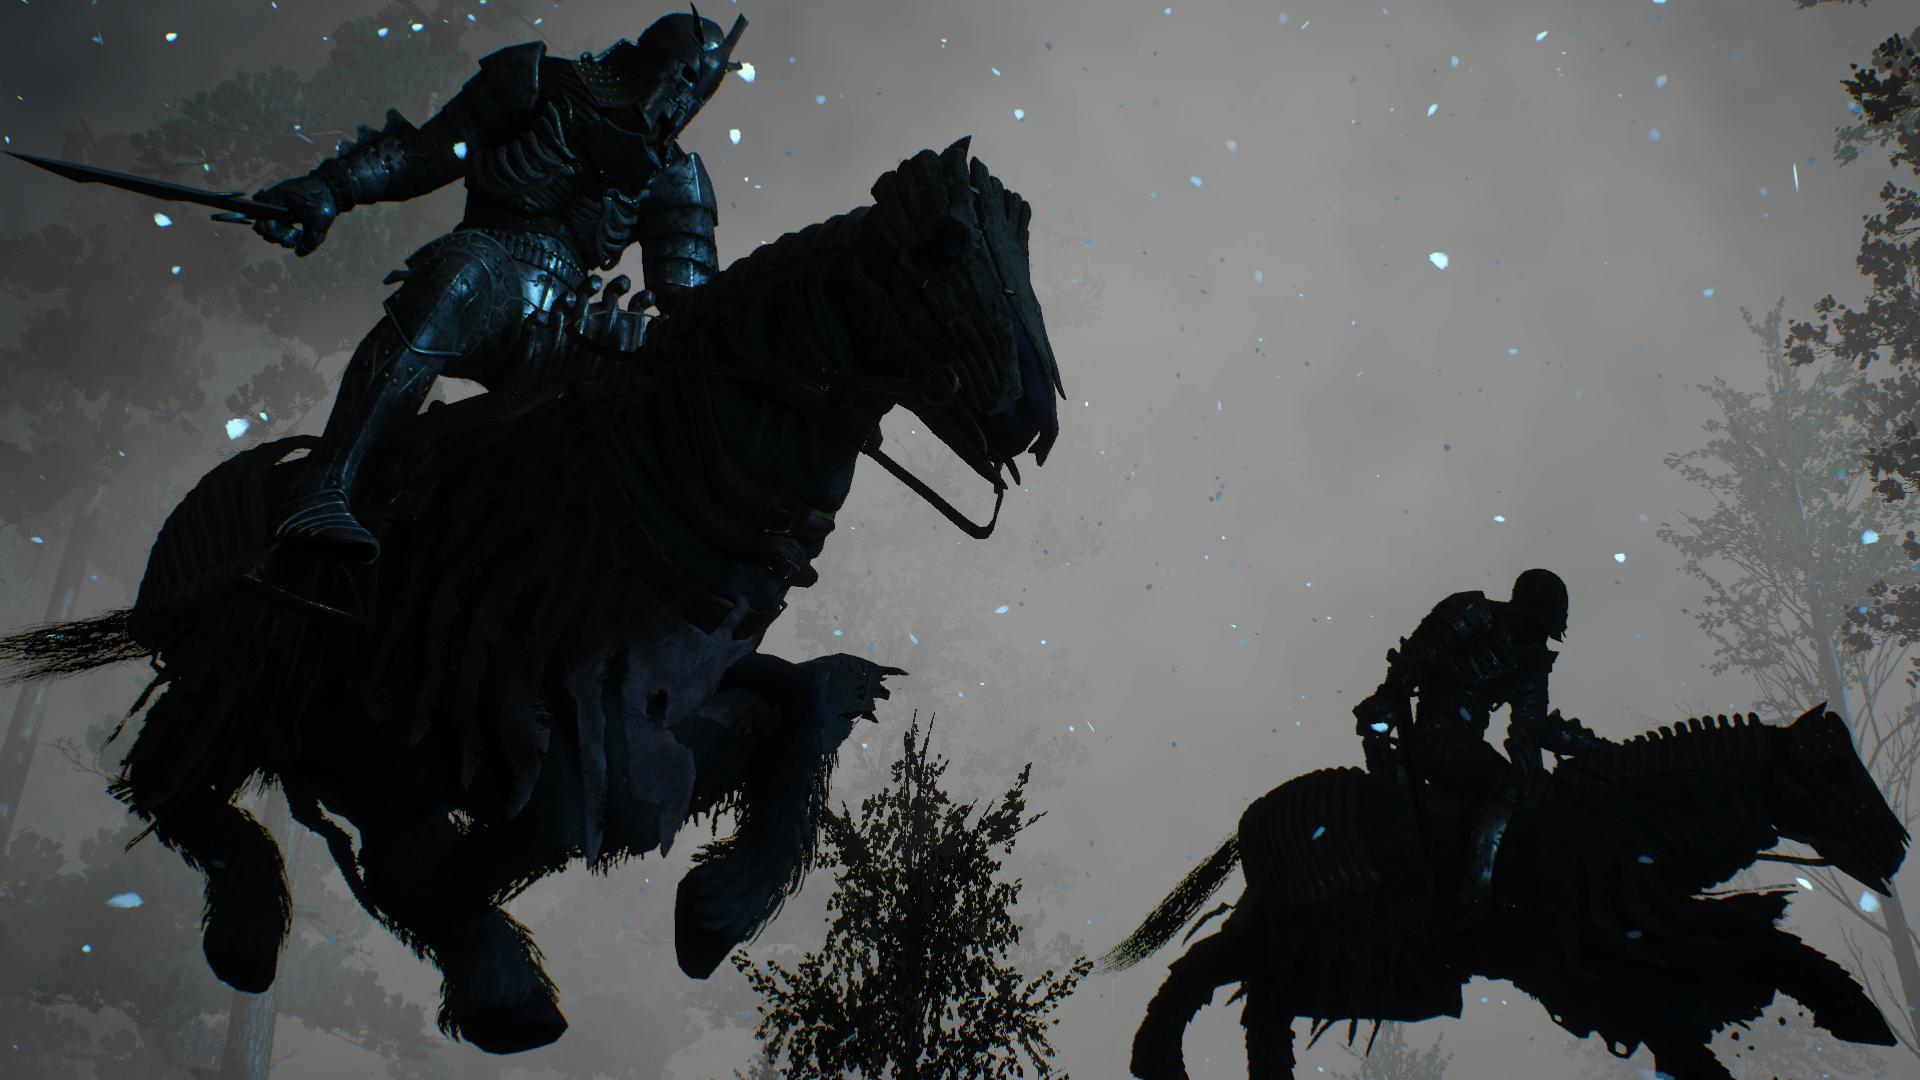 witcher3 2019-10-07 21-35-17-47.jpg - Witcher 3: Wild Hunt, the